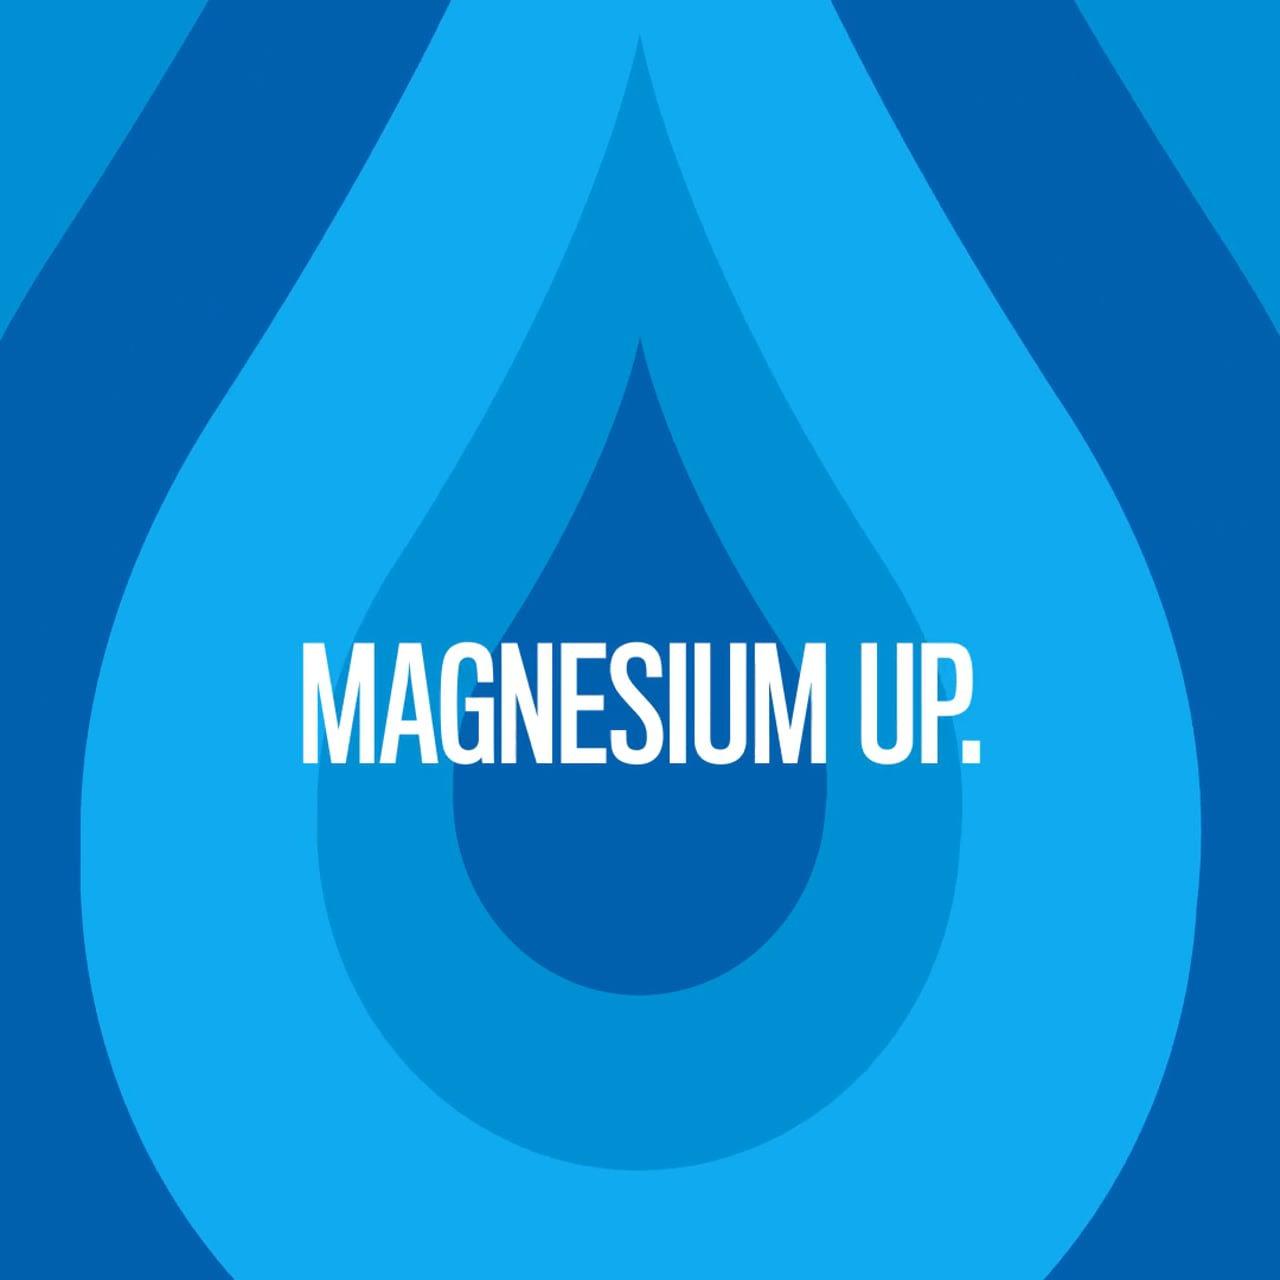 Magnesium Up